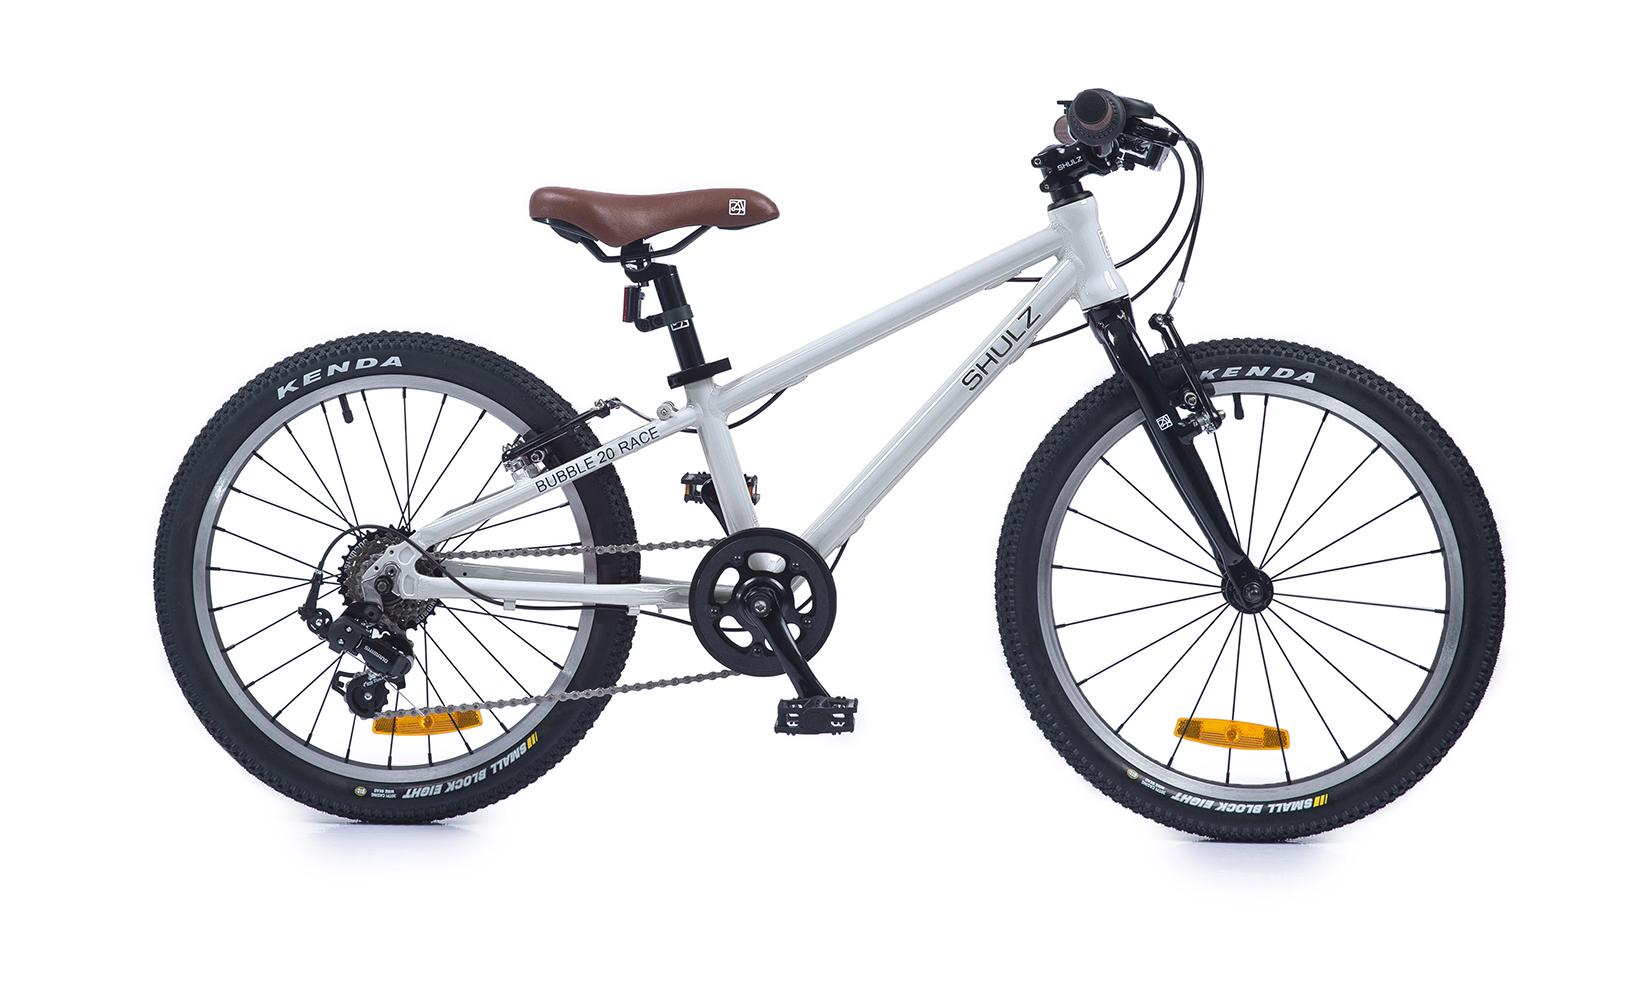 Купить Bubble 20 Race (2020) (One size), Детский велосипед Shulz Bubble 20 Race 2020 белый, Детские двухколесные велосипеды